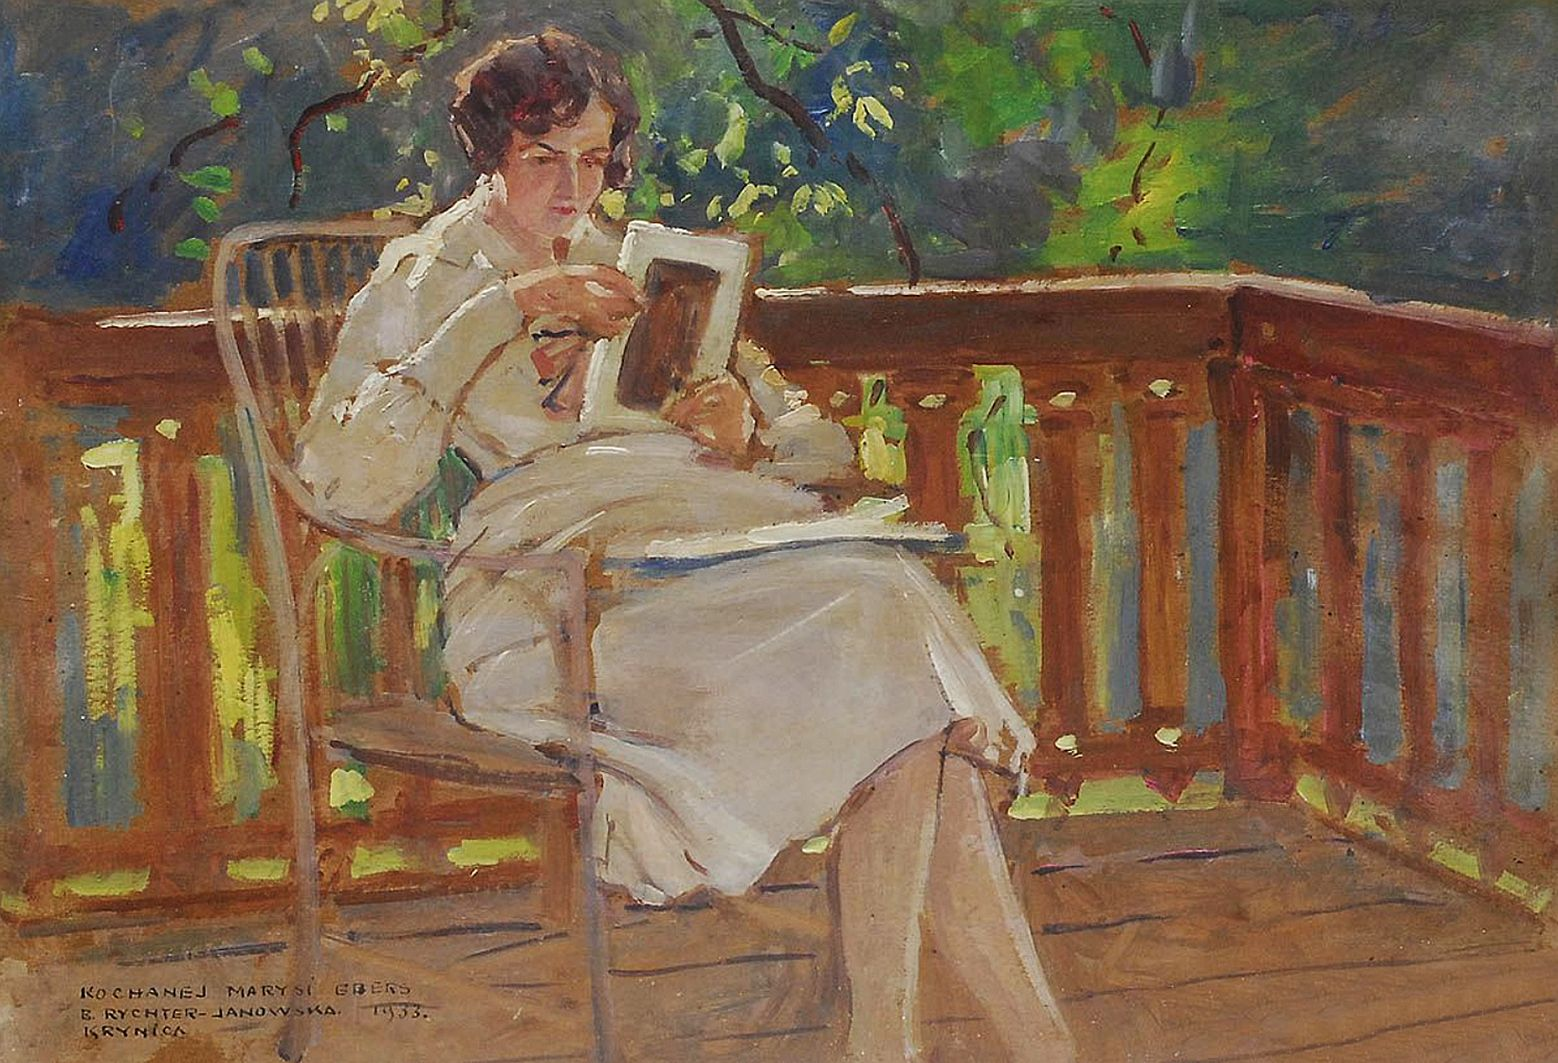 Броніслава Яновська. Жінка на терасі, 1933; картон, олія